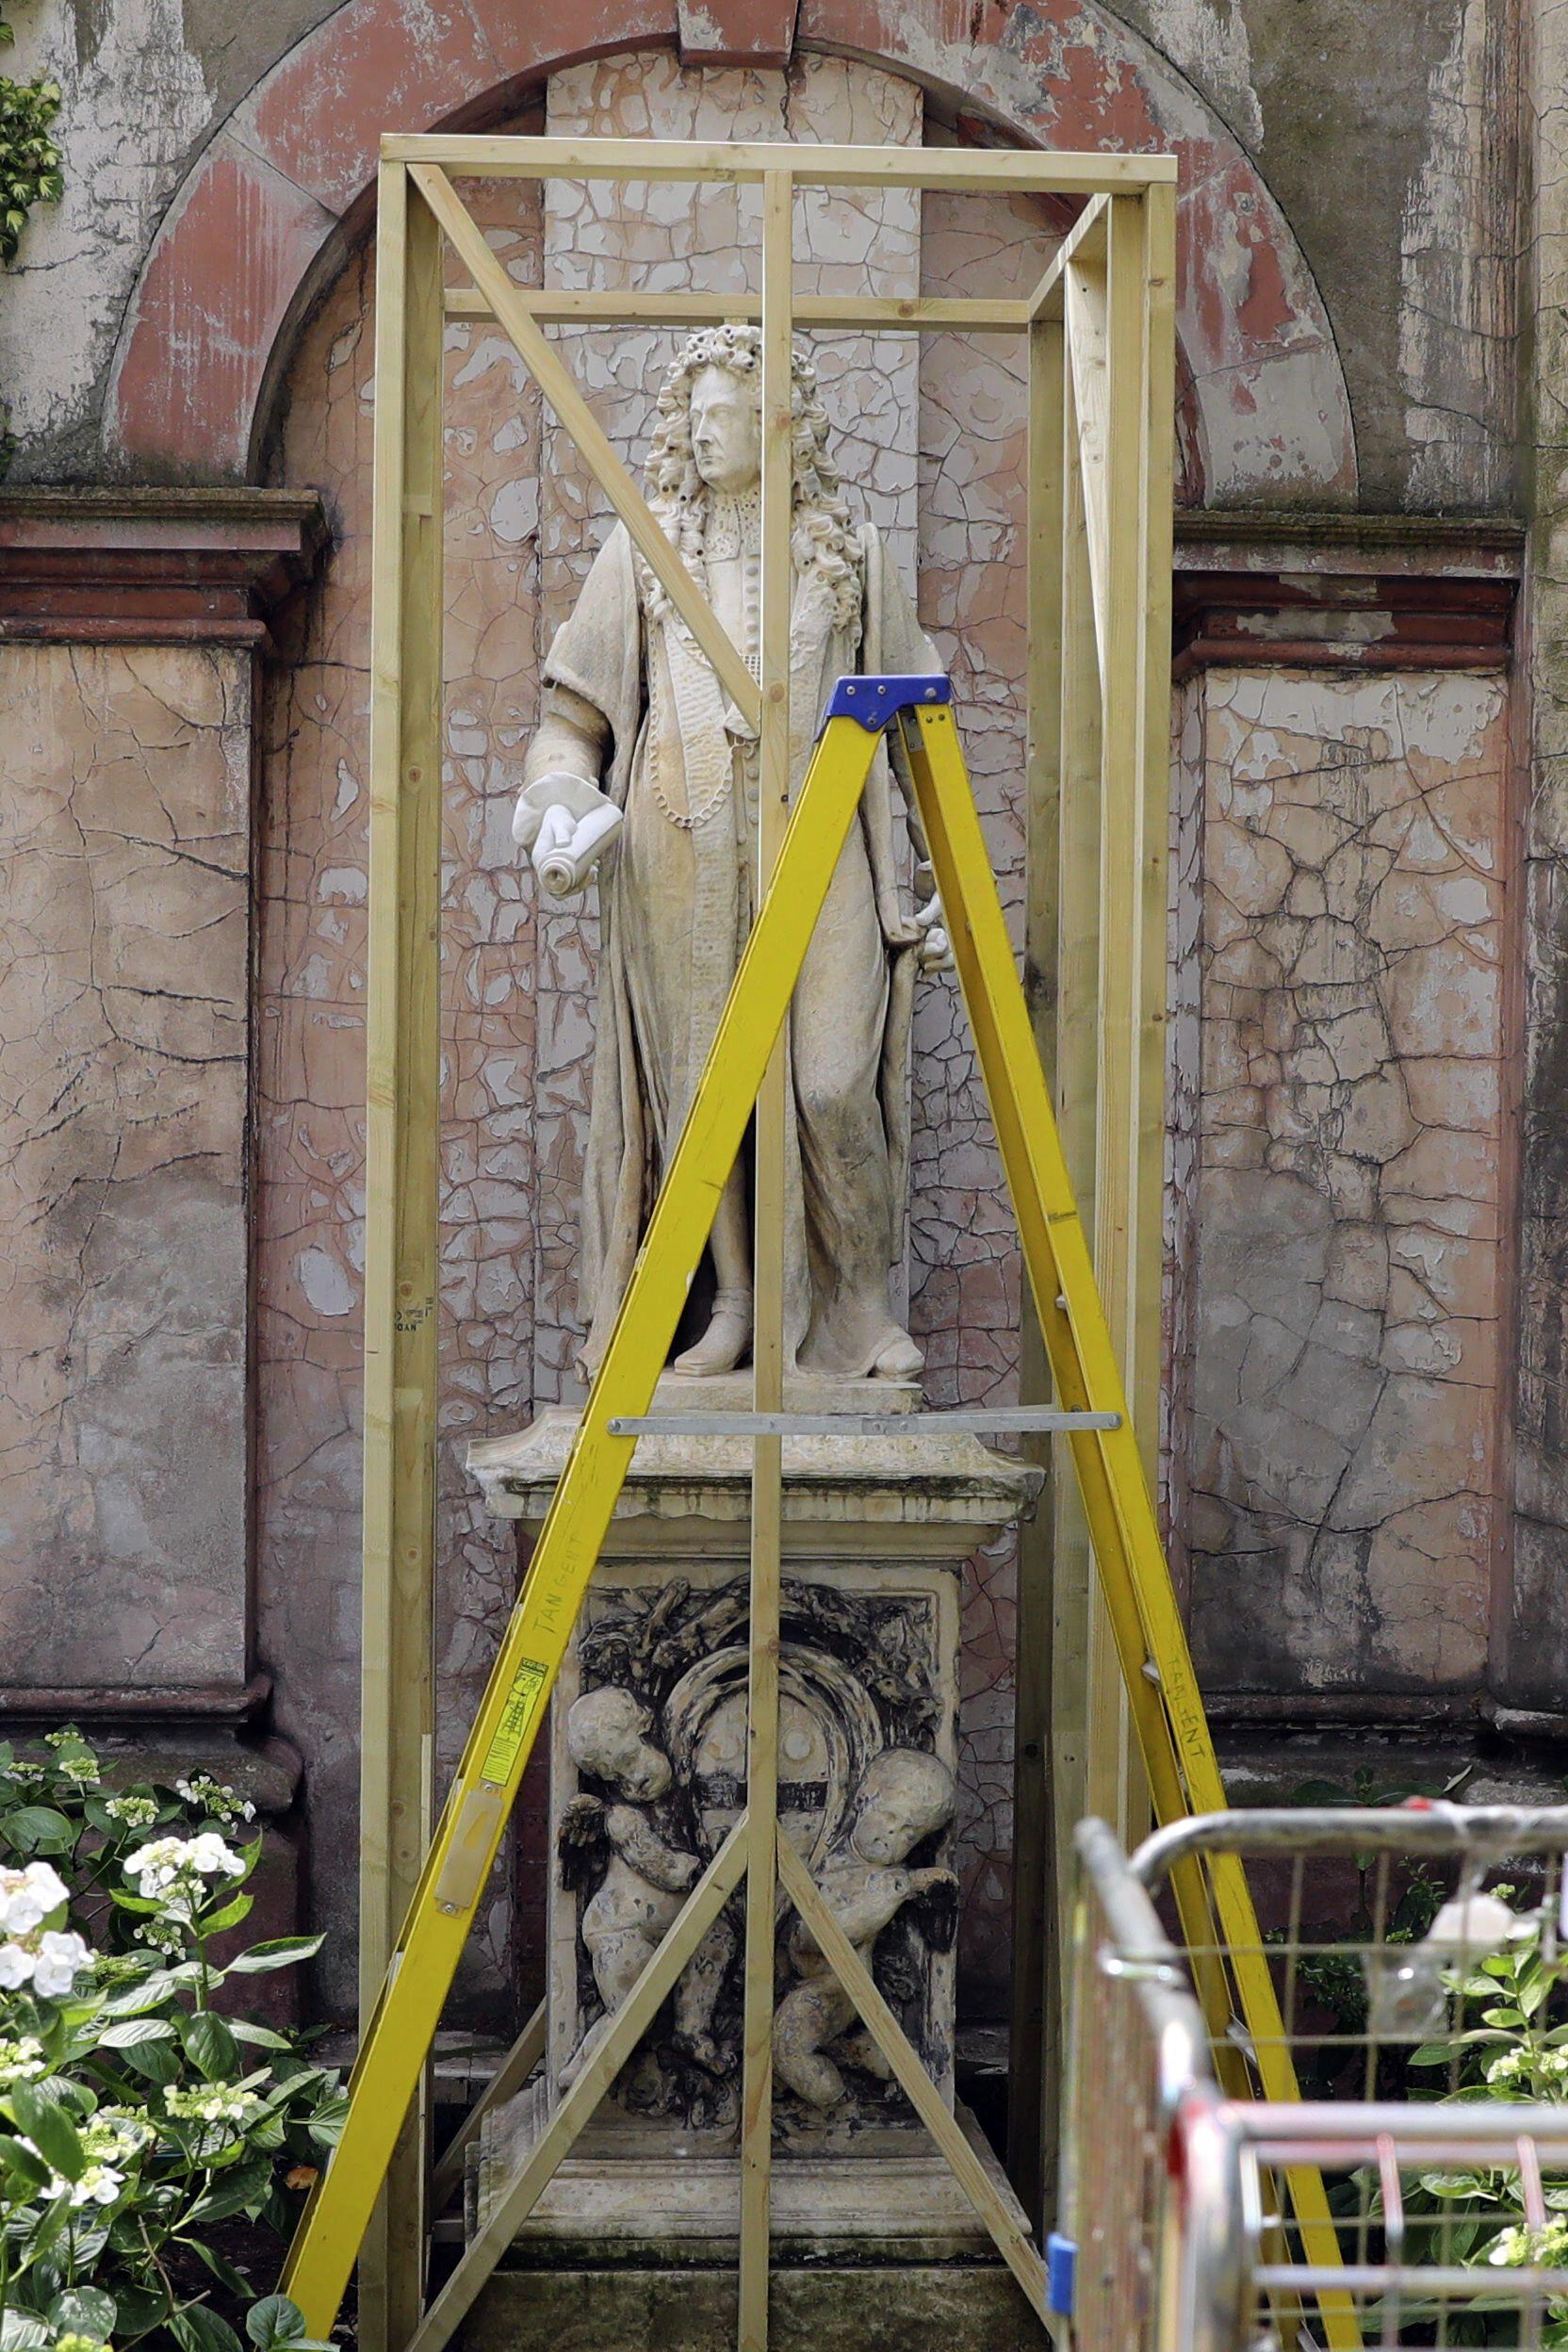 """Защитна ограда е издигната около статуята на Робърт Клейтън в болницата """"Сейнт Томас"""" в Лондон.  Клейтън, който е ръководил болницата през 17 век, също има минало, свързано с насилствения превоз на хора от Африка към САЩ"""